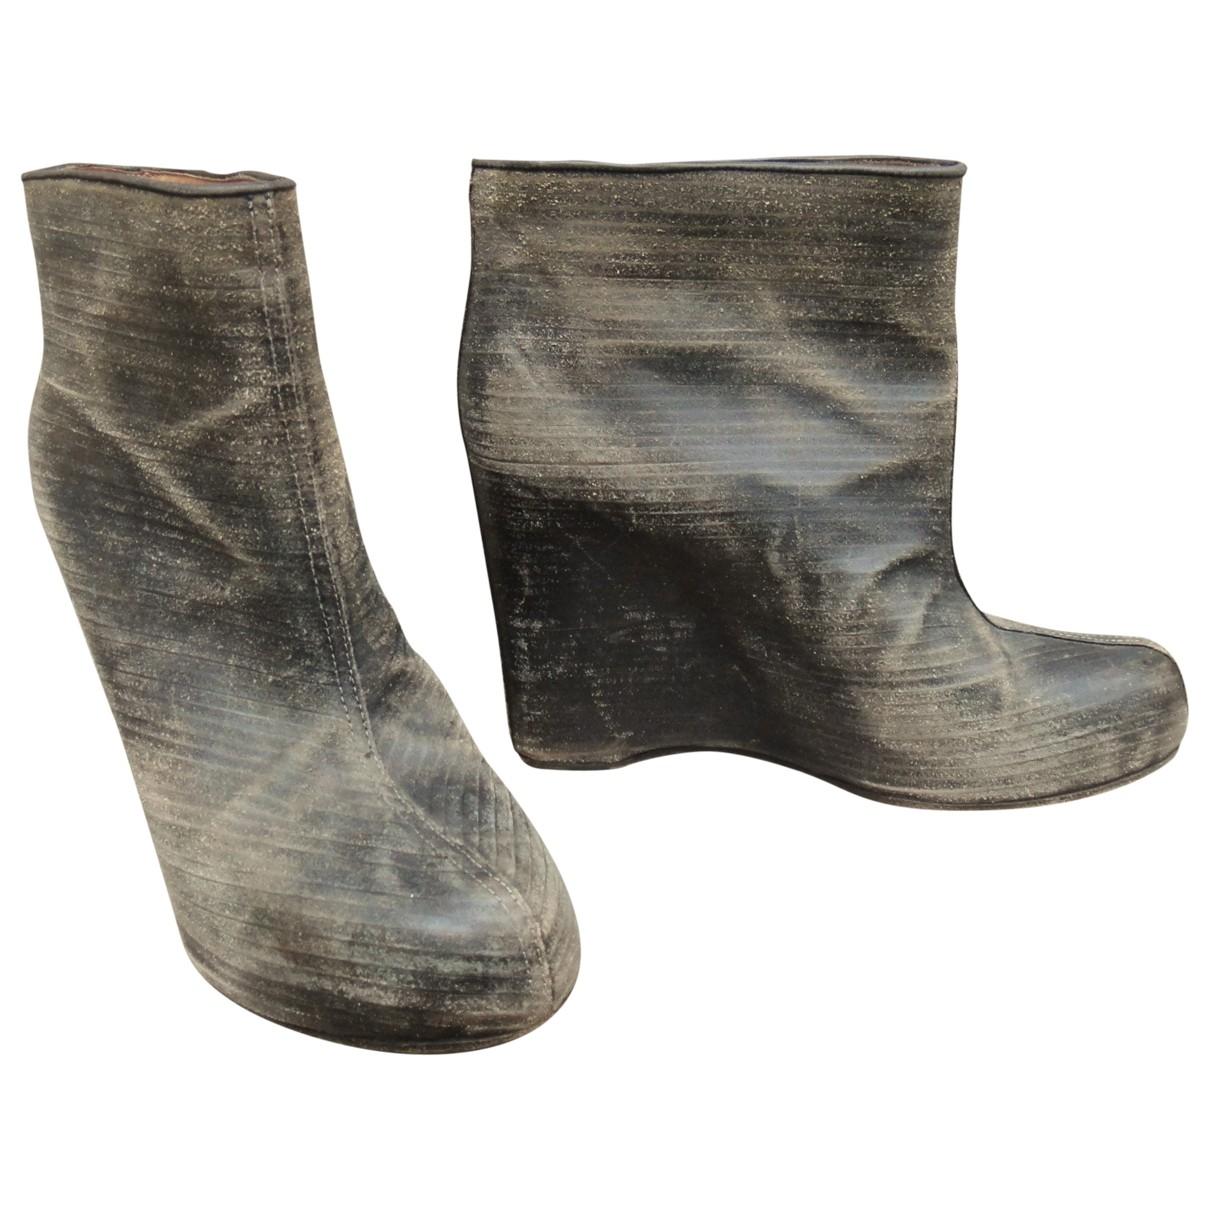 Maison Martin Margiela - Boots   pour femme en cuir - gris